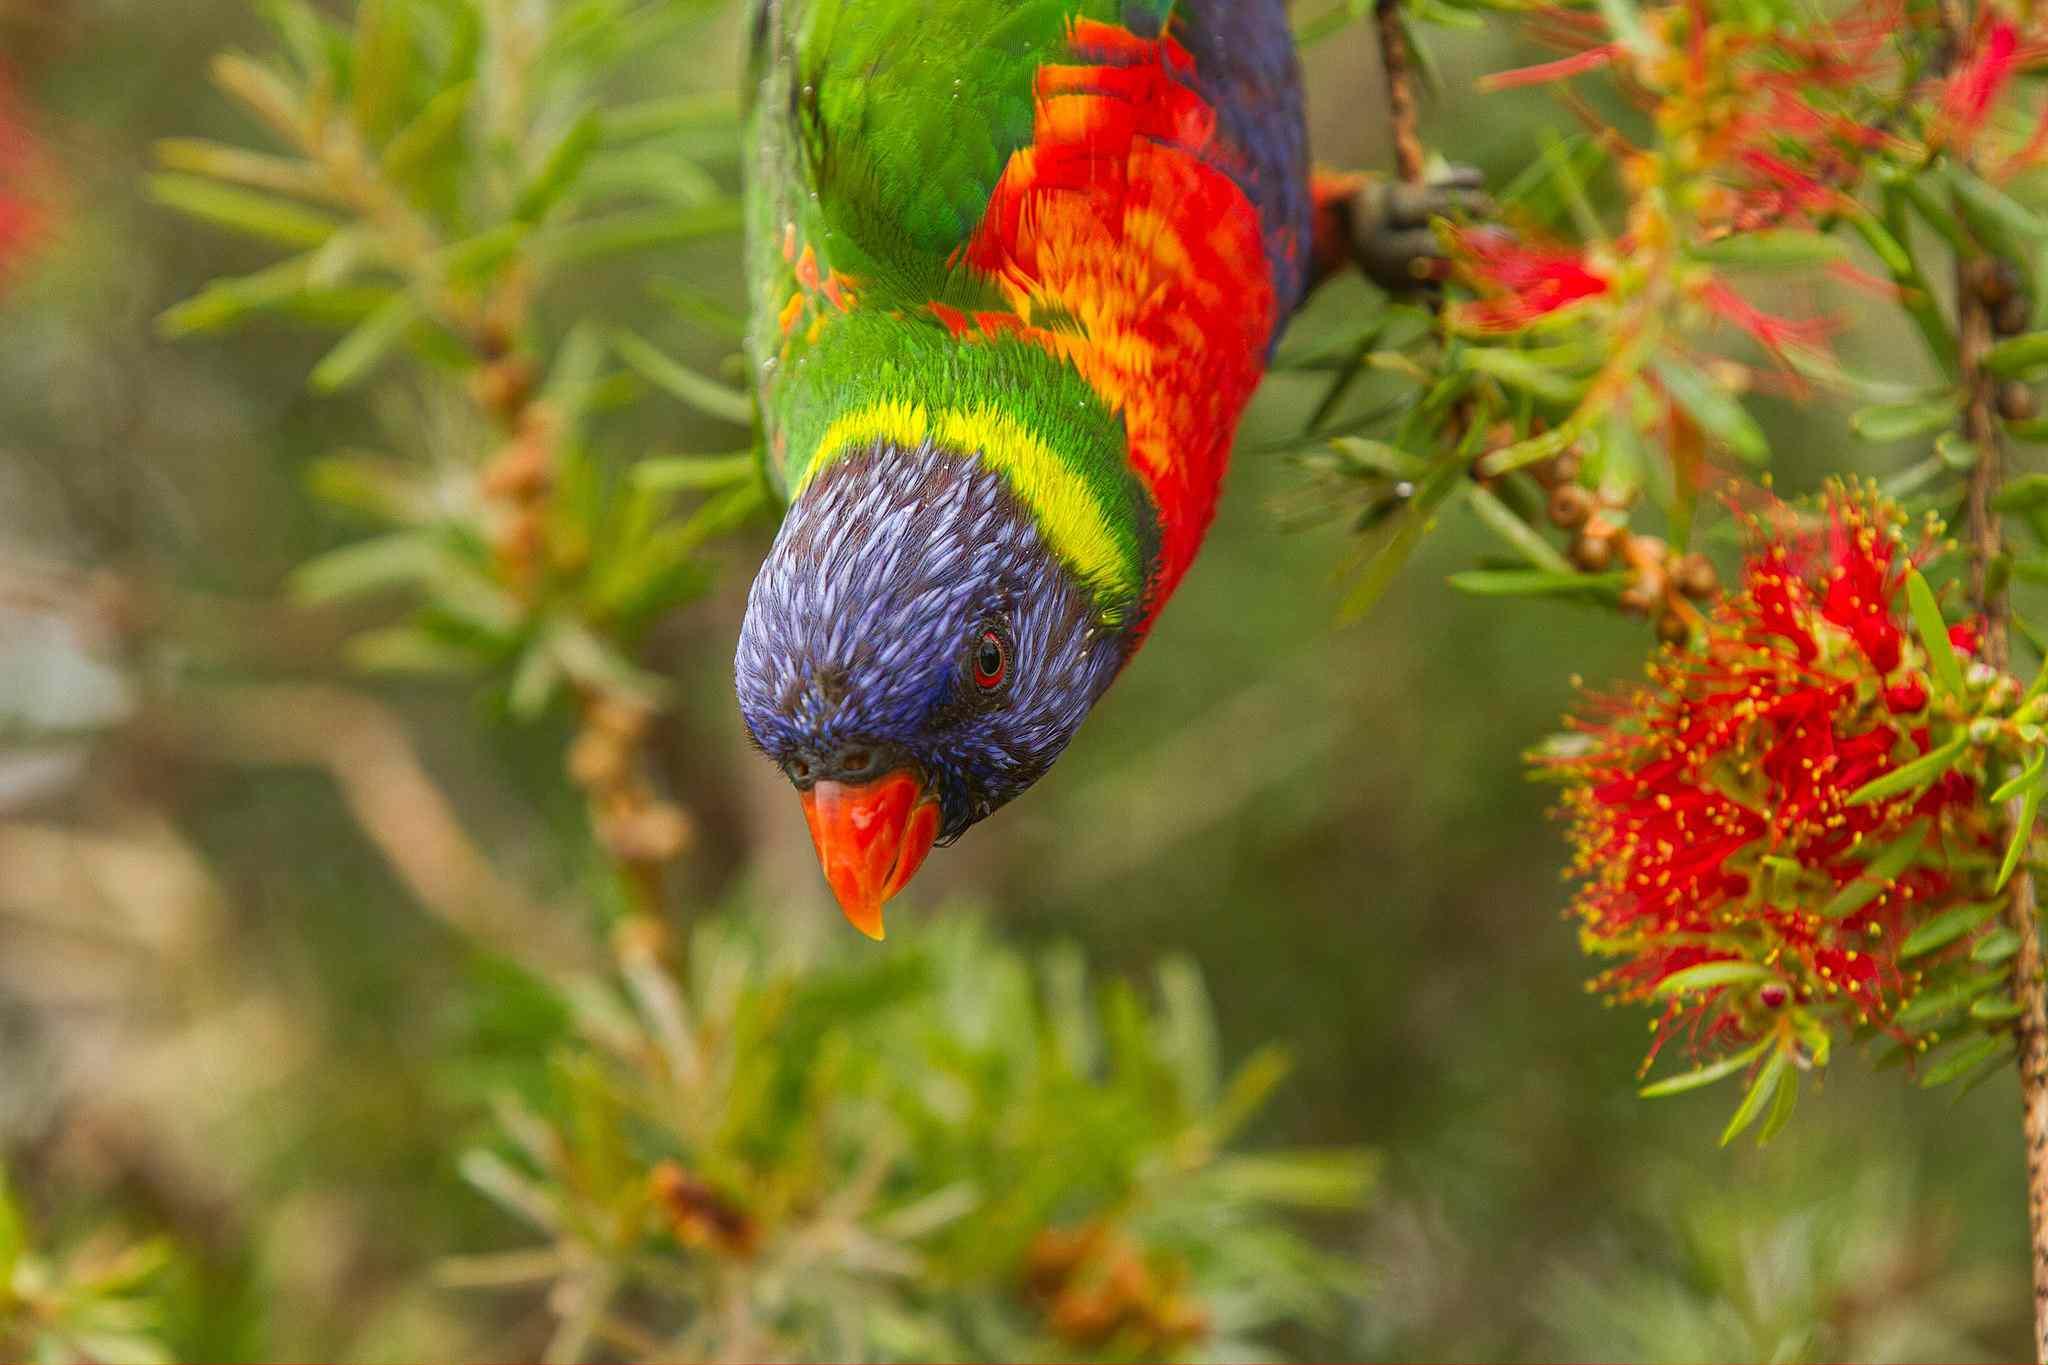 colorful rainbow lorikeet feeding on flowers